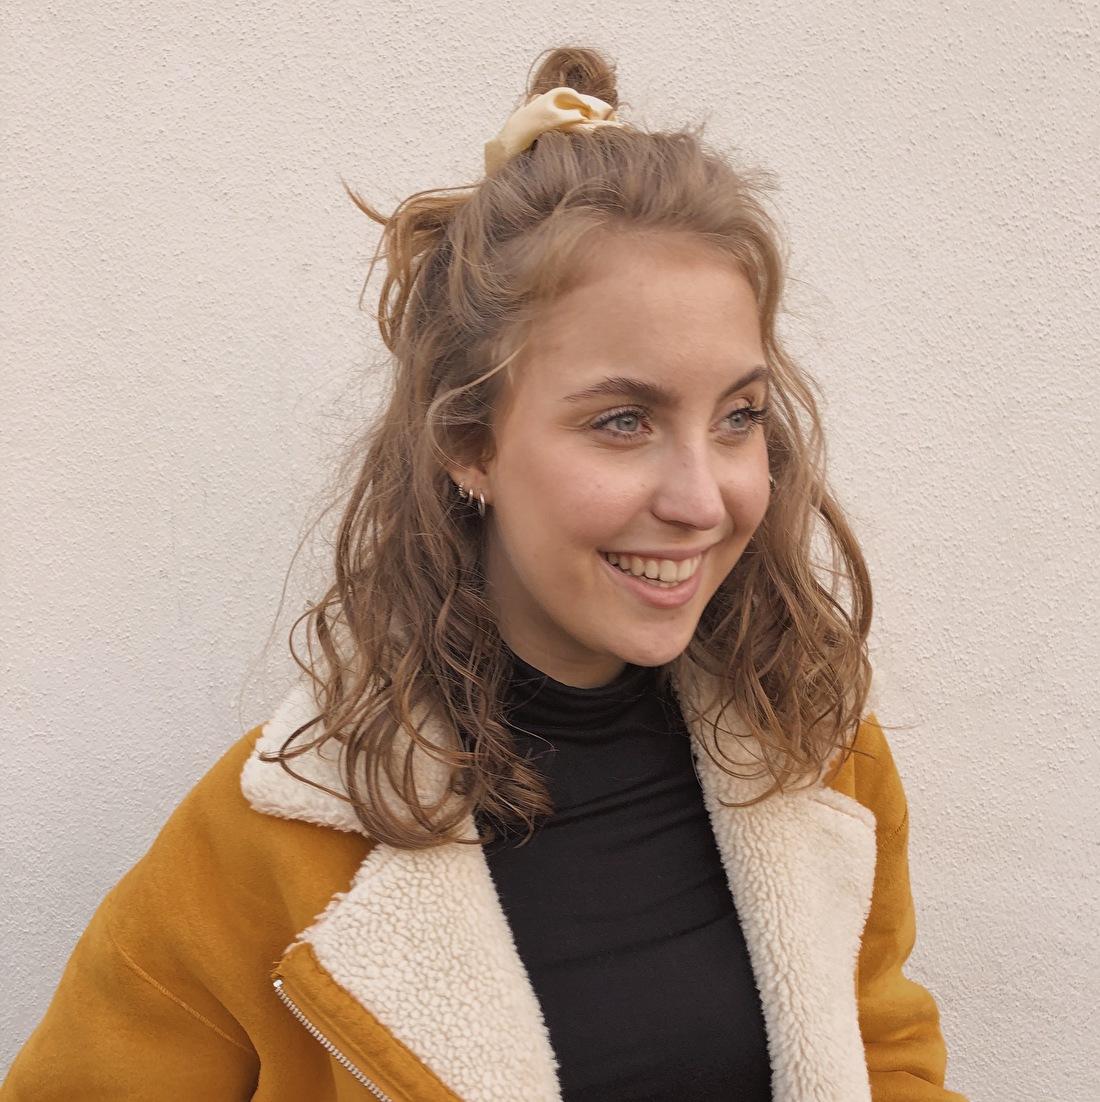 Eigenaar van Dutch Scrunchies, Iris Daleweij. Iris draagt hier de cream satin scrunchie.